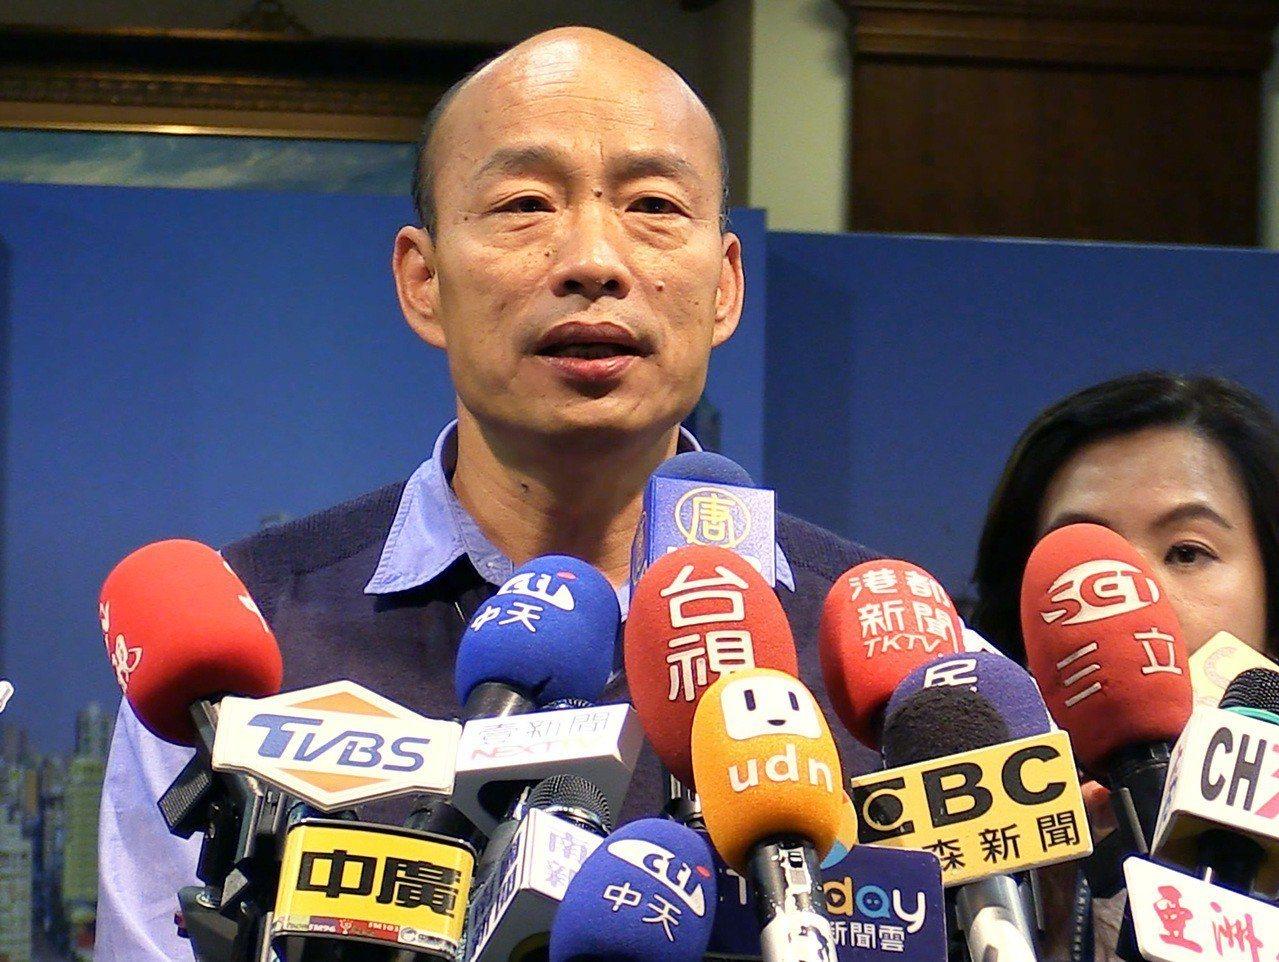 納韓國瑜「兩階段式徵召」引議 國民黨:不會再提了